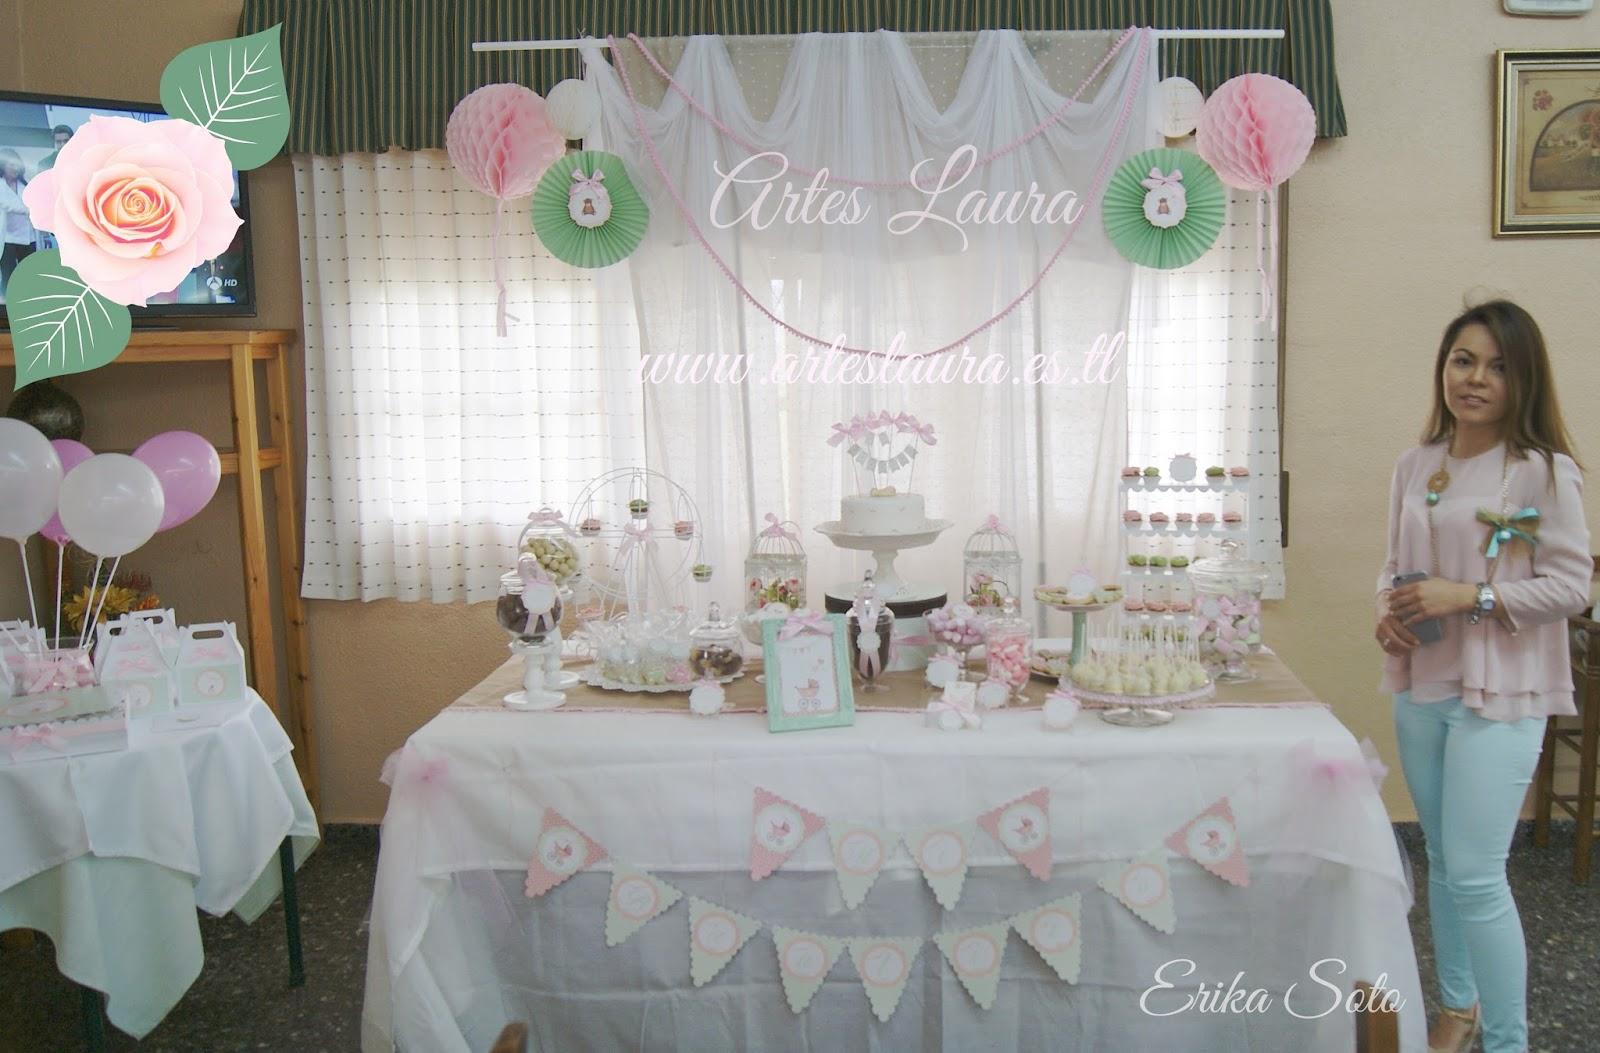 Mesa dulce o candy bar bautizo en albacete artes laura for Mesa de dulces para bautizo de nina